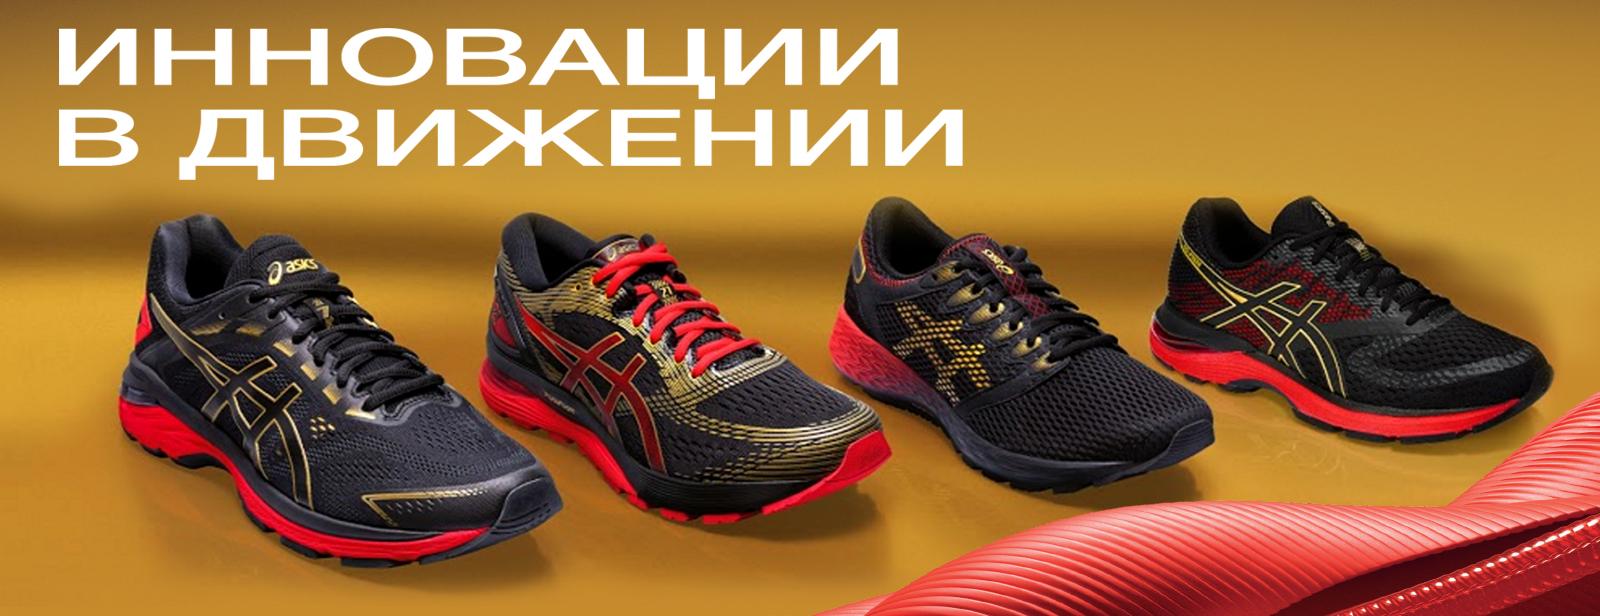 d54ca86d ASICS Russia   Официальная беговая обувь и одежда